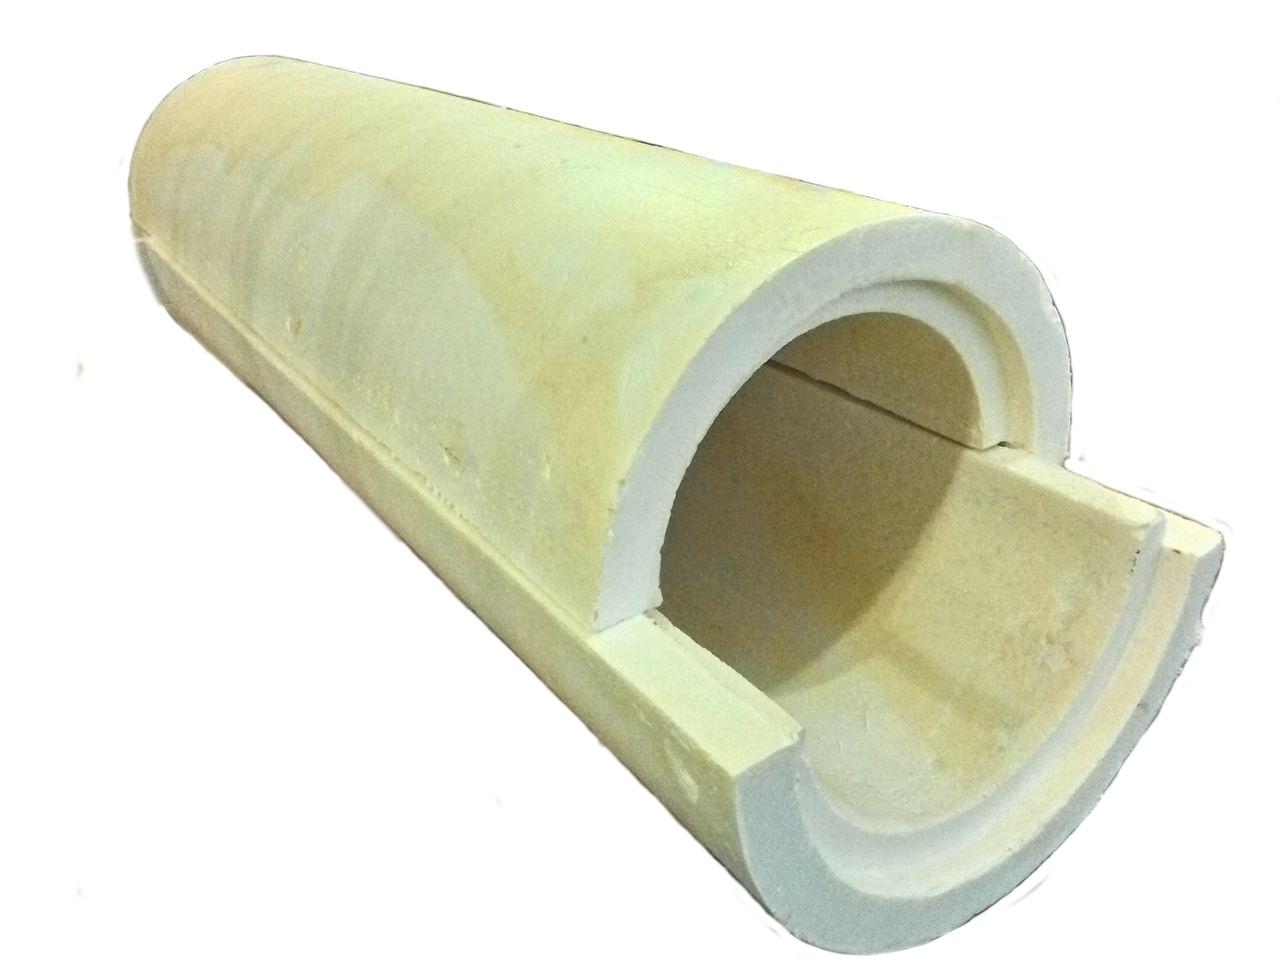 Консультации по применению теплоизоляции из пенополиуретана тис, полуцилиндры, сегменты (скорлупы) для теплоизоляции трубопроводов любых диаметров, по применению плит ппу предназначенных для теплоизоляции в районах крайнего севера